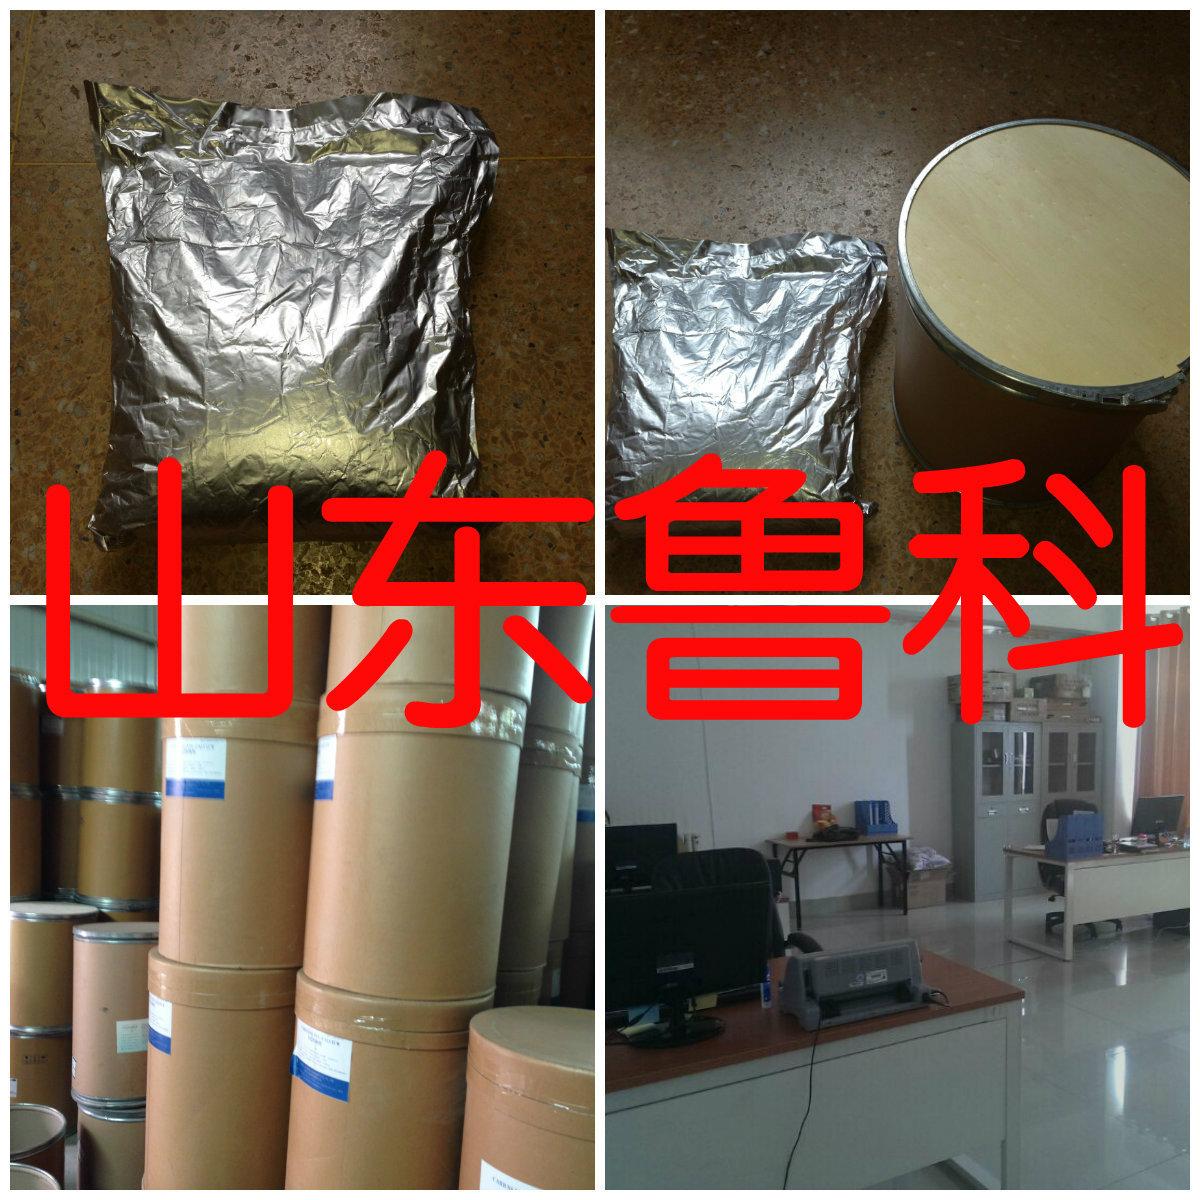 硫酸多粘菌素 鲁科硫酸多粘菌素 高含量 山东鲁科 上海 湖